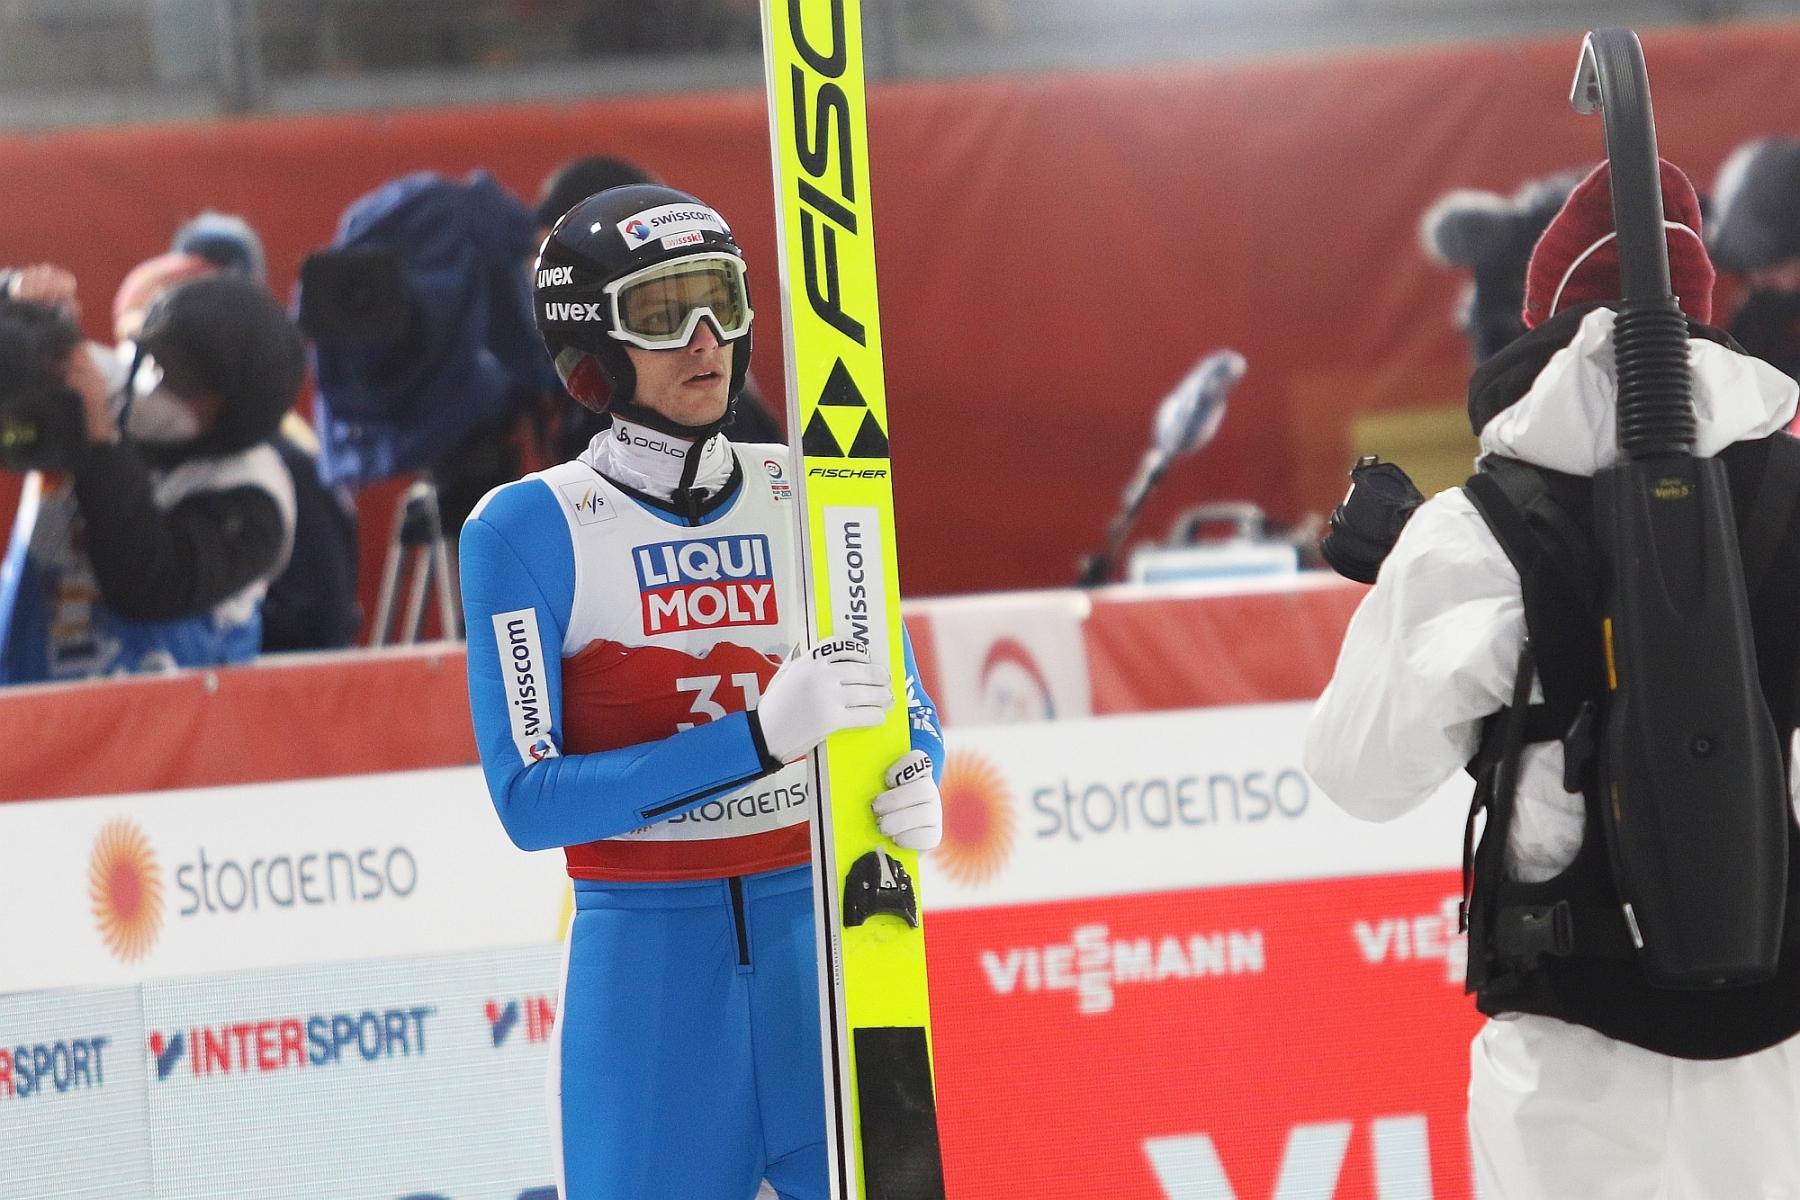 Mistrzostwa Swiata Oberstdorf2021 hs106normalnaskocznia fotJuliaPiatkowska 109 - Szwajcarzy podali składy kadr na sezon 2021/2022. Ammann dalej walczy